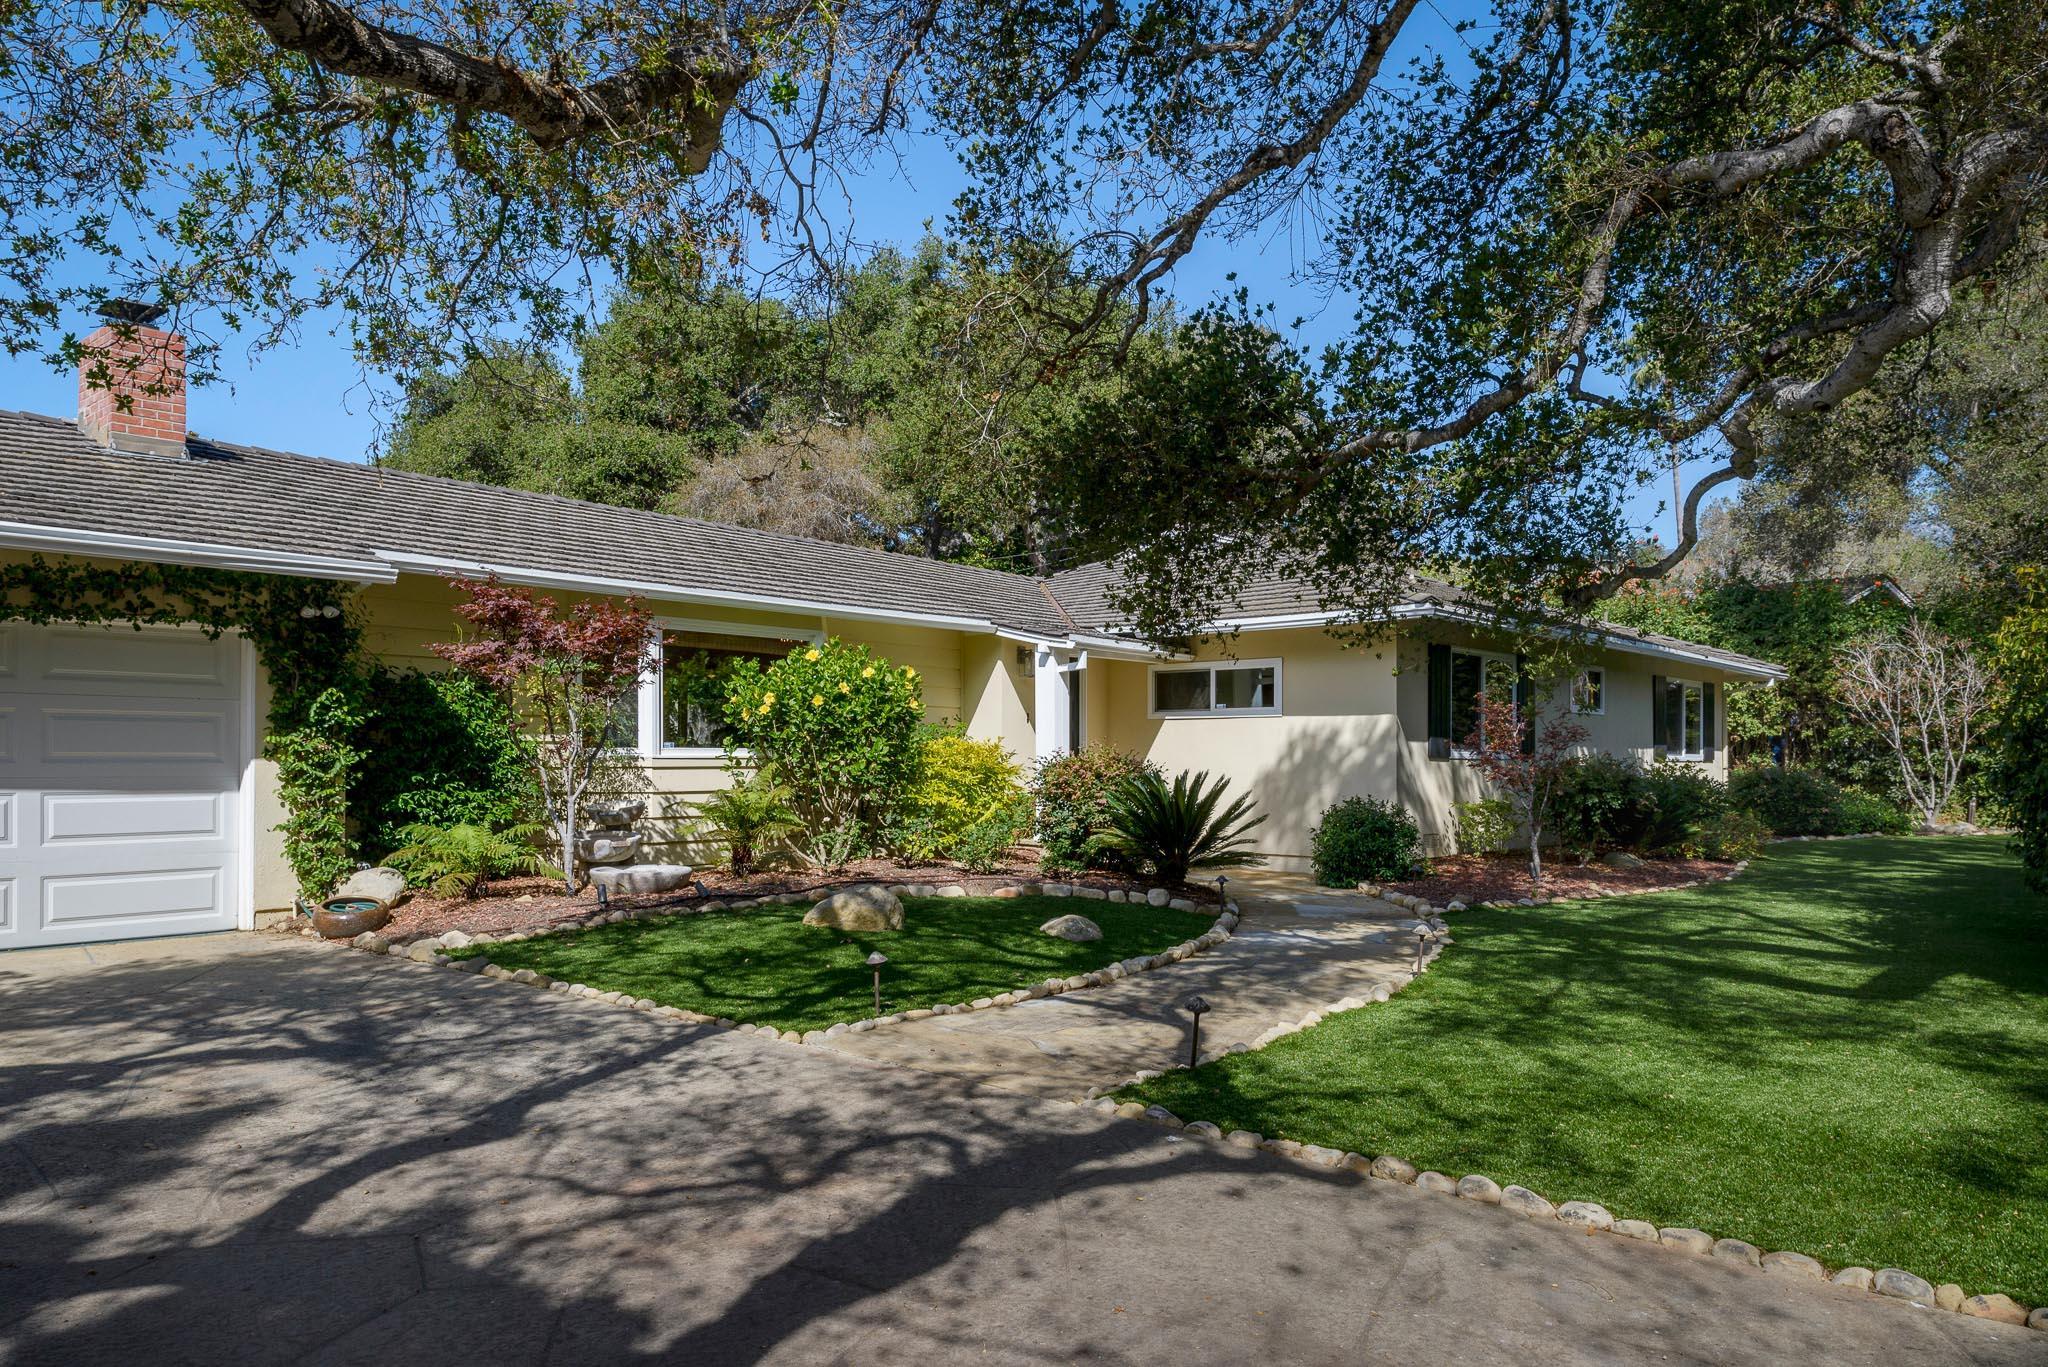 Property photo for 161 Santa Isabel Ln Santa Barbara, California 93108 - 17-3408